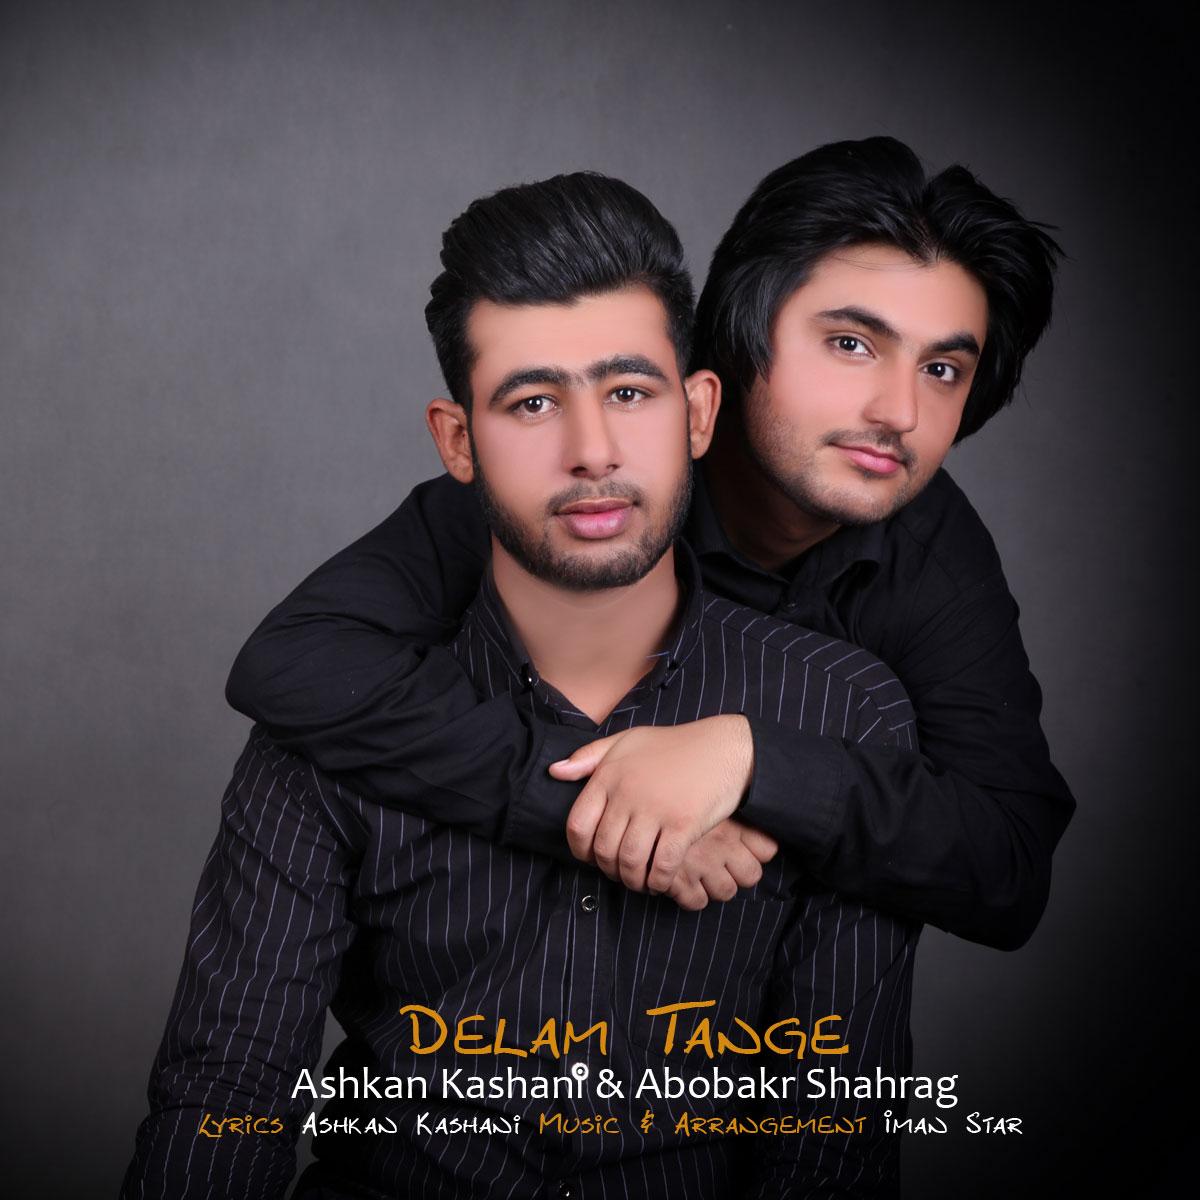 Ashkan Kashani & Abobakr Shahrag – Delam Tange